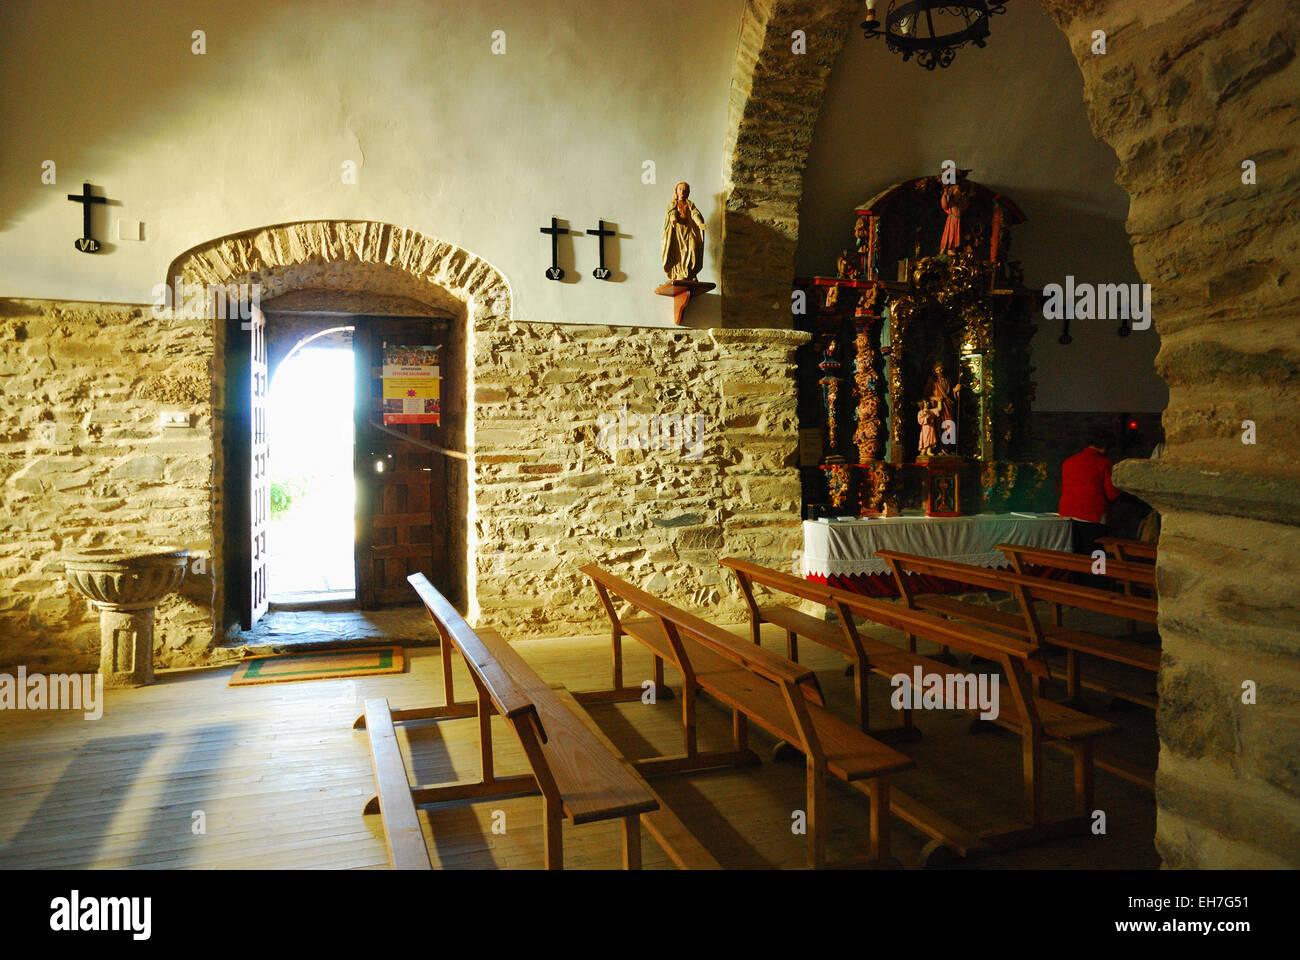 El Acebo, comarca de El Bierzo. Church of Saint Michael - Stock Image